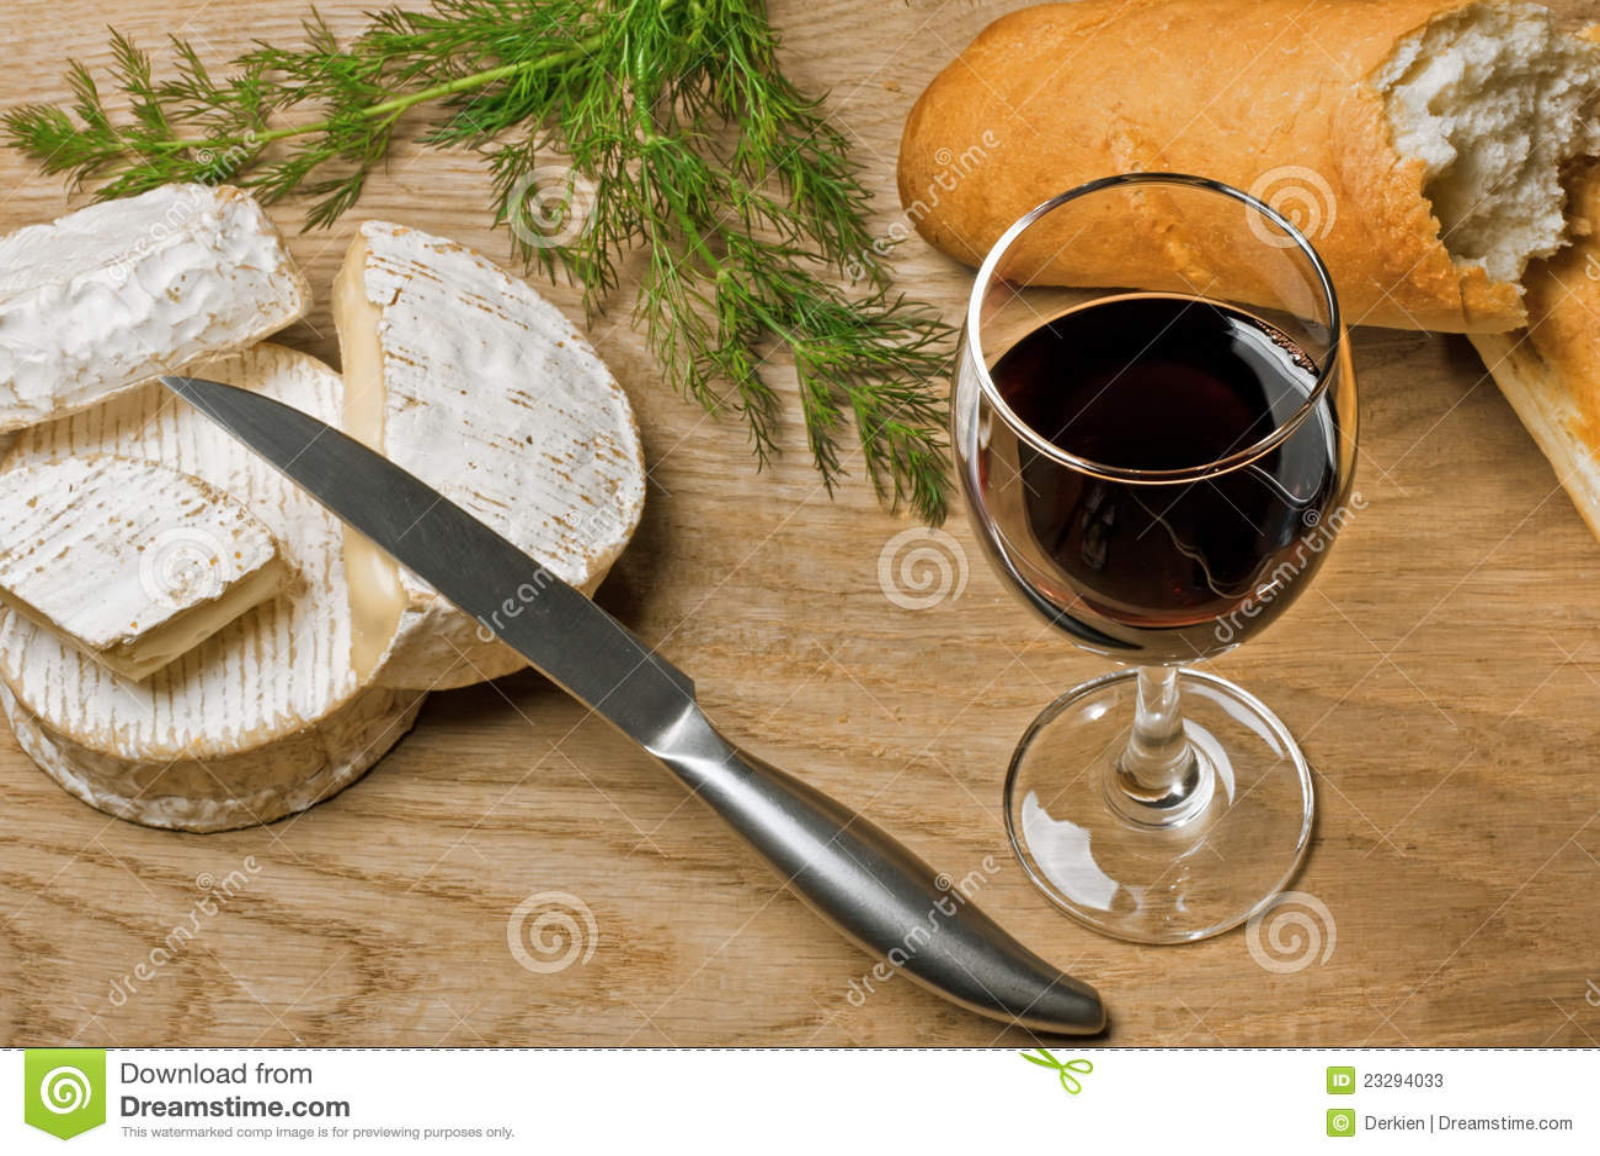 vin rouge fromages de brie et de camembert avec du pain image stock image du intense. Black Bedroom Furniture Sets. Home Design Ideas